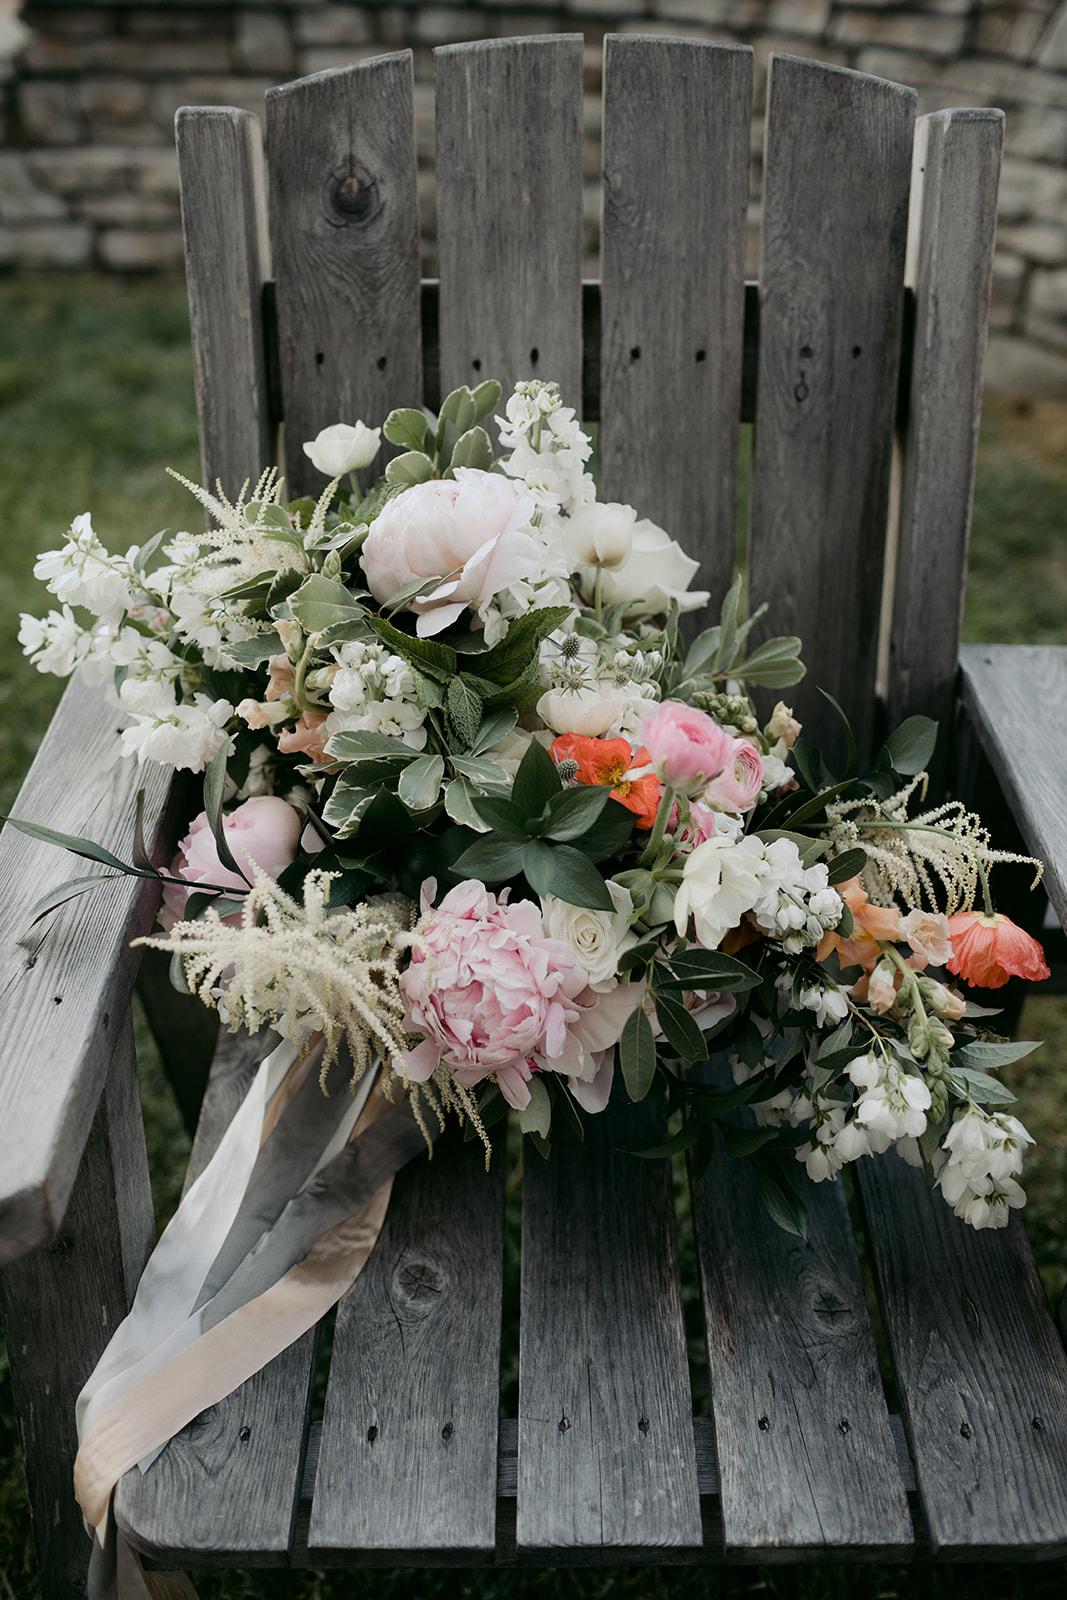 Watershed_Floral_Acadia_Maine_Wedding_Florist__Acadia_029.jpg